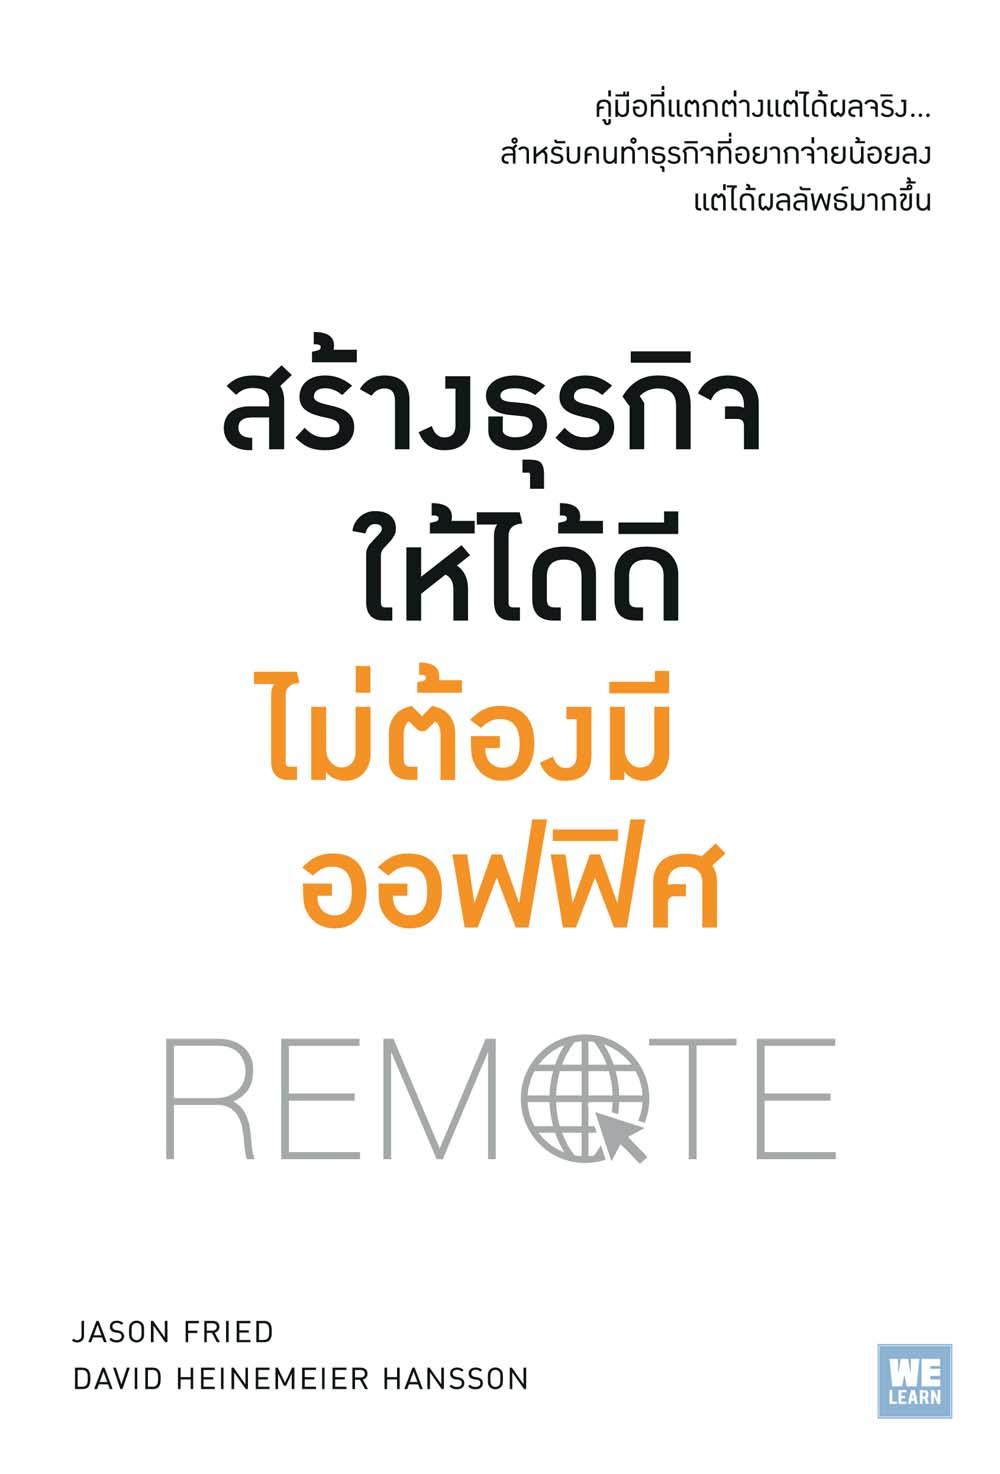 สร้างธุรกิจให้ได้ดีไม่ต้องมีออฟฟิศ (Remote)